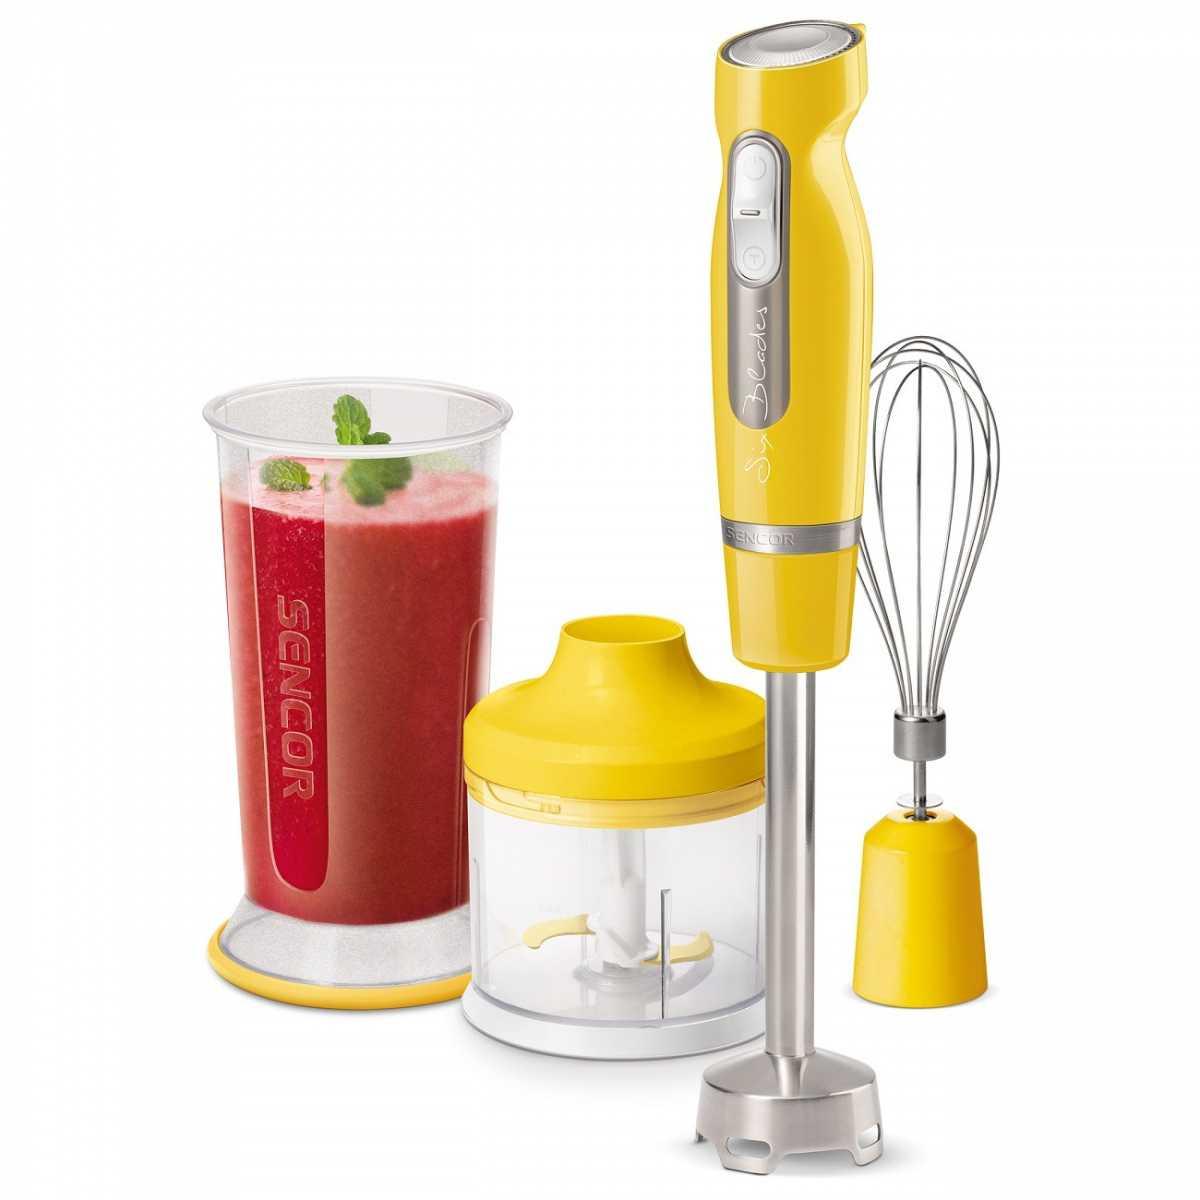 Миксер или блендер для дома: чем отличаются, что лучше выбрать, чем лучше взбивать белки, может ли блендер заменить миксер